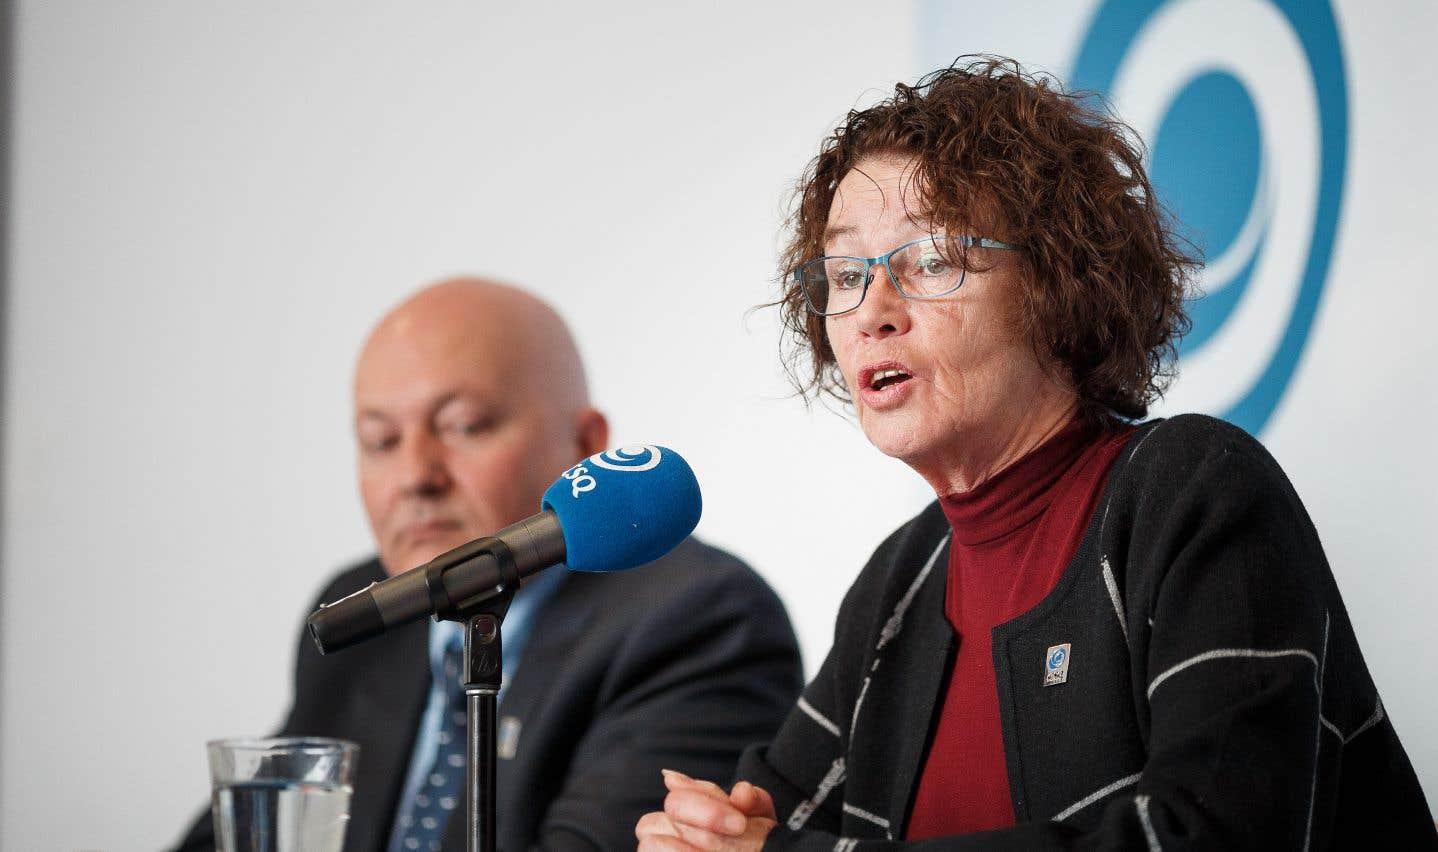 Louise Chabot et Daniel B. Lafrenière, respectivement présidente et secrétaire-trésorier de la CSQ, ont dévoilé dimanche la stratégie de la centrale syndicale pour les prochains mois.